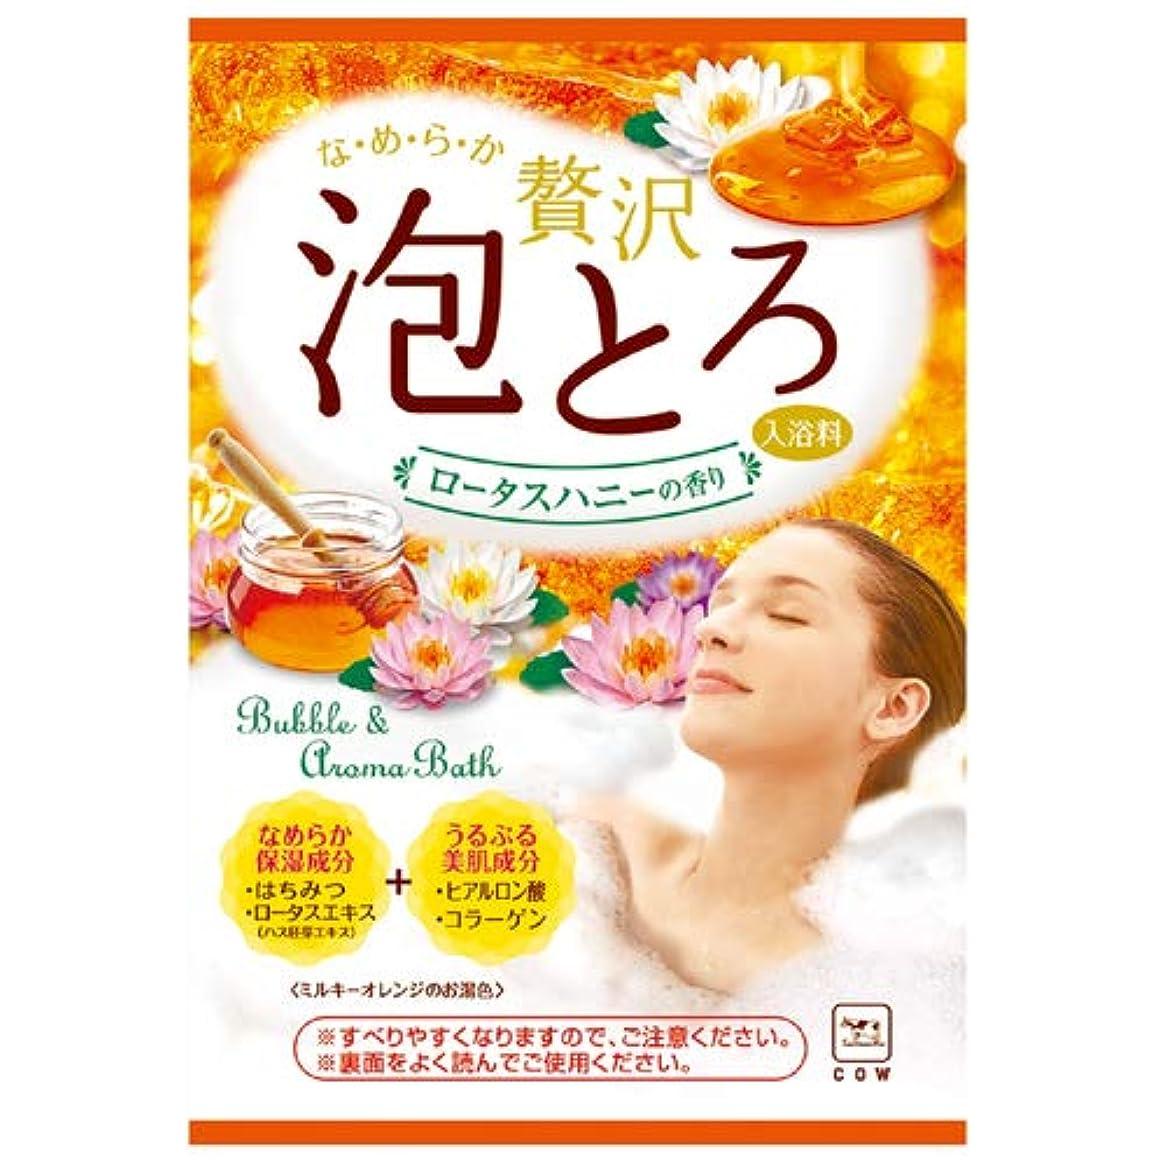 リーズ銃用心するお湯物語 贅沢泡とろ入浴料 ロータスハニーの香り 30g